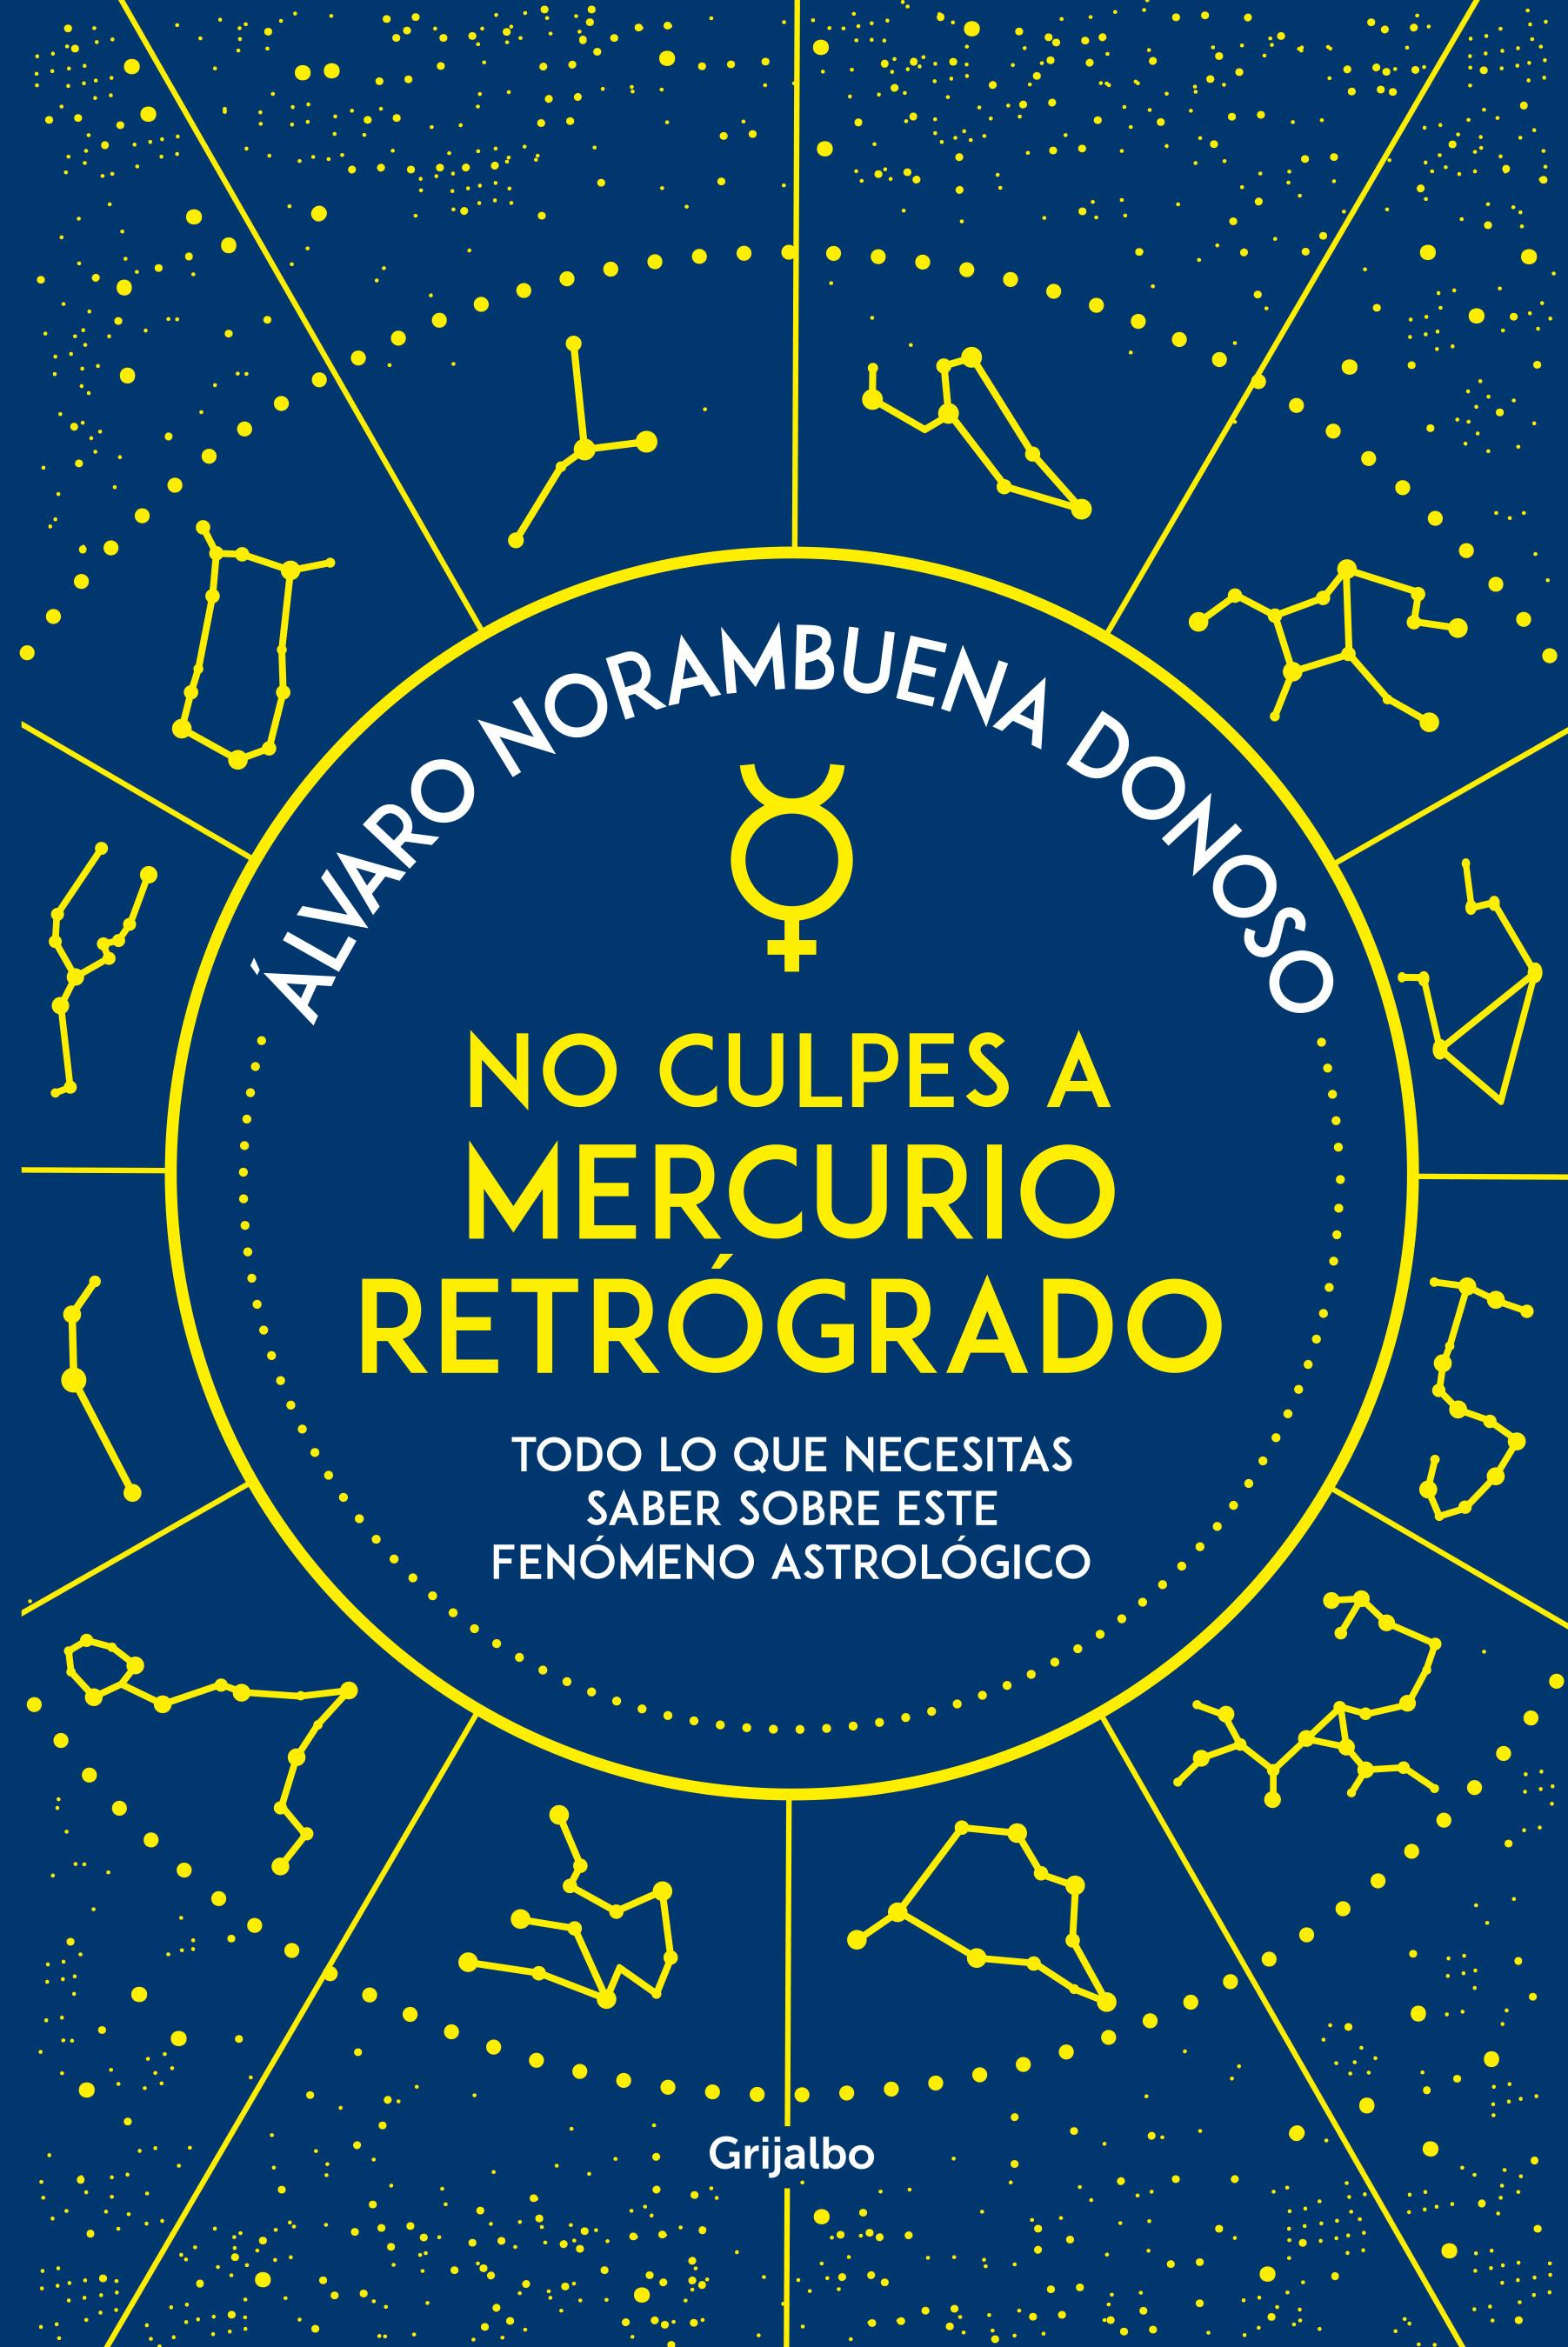 No culpes a mercurio retrógrado